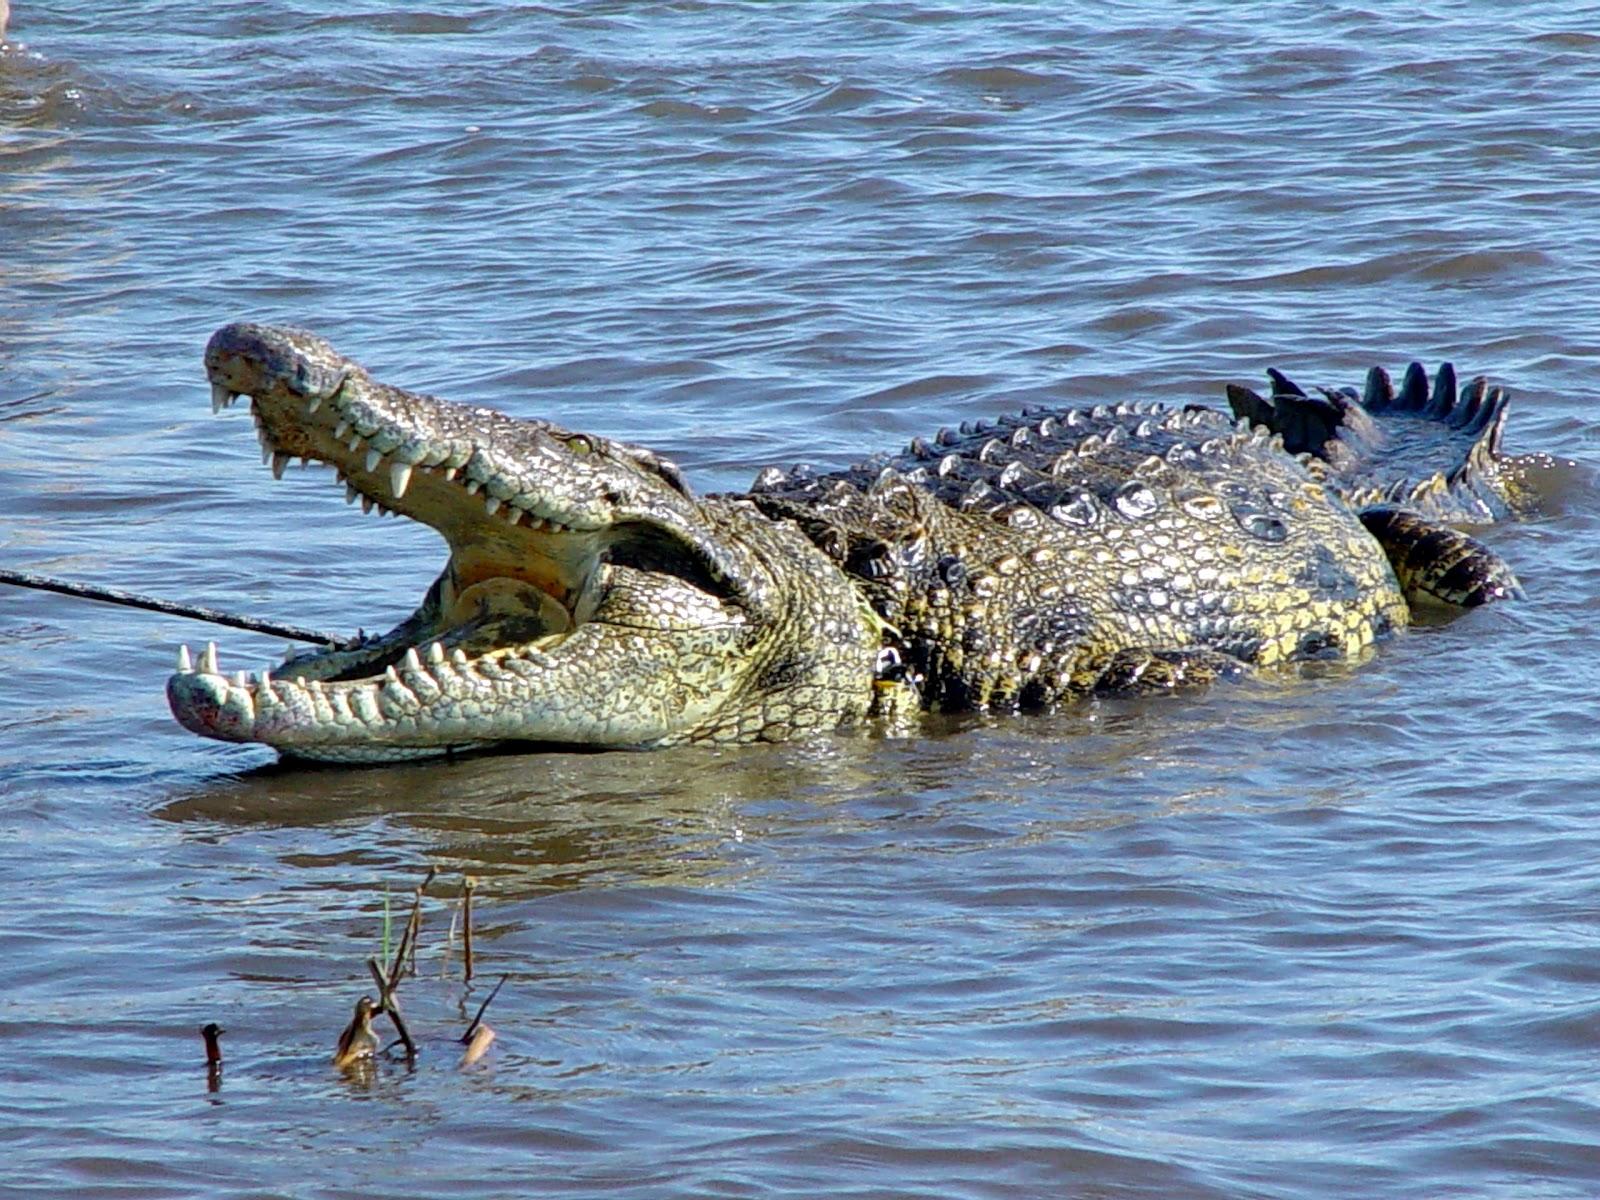 lion vs crocodile facts crocodile America fight crocodile ...